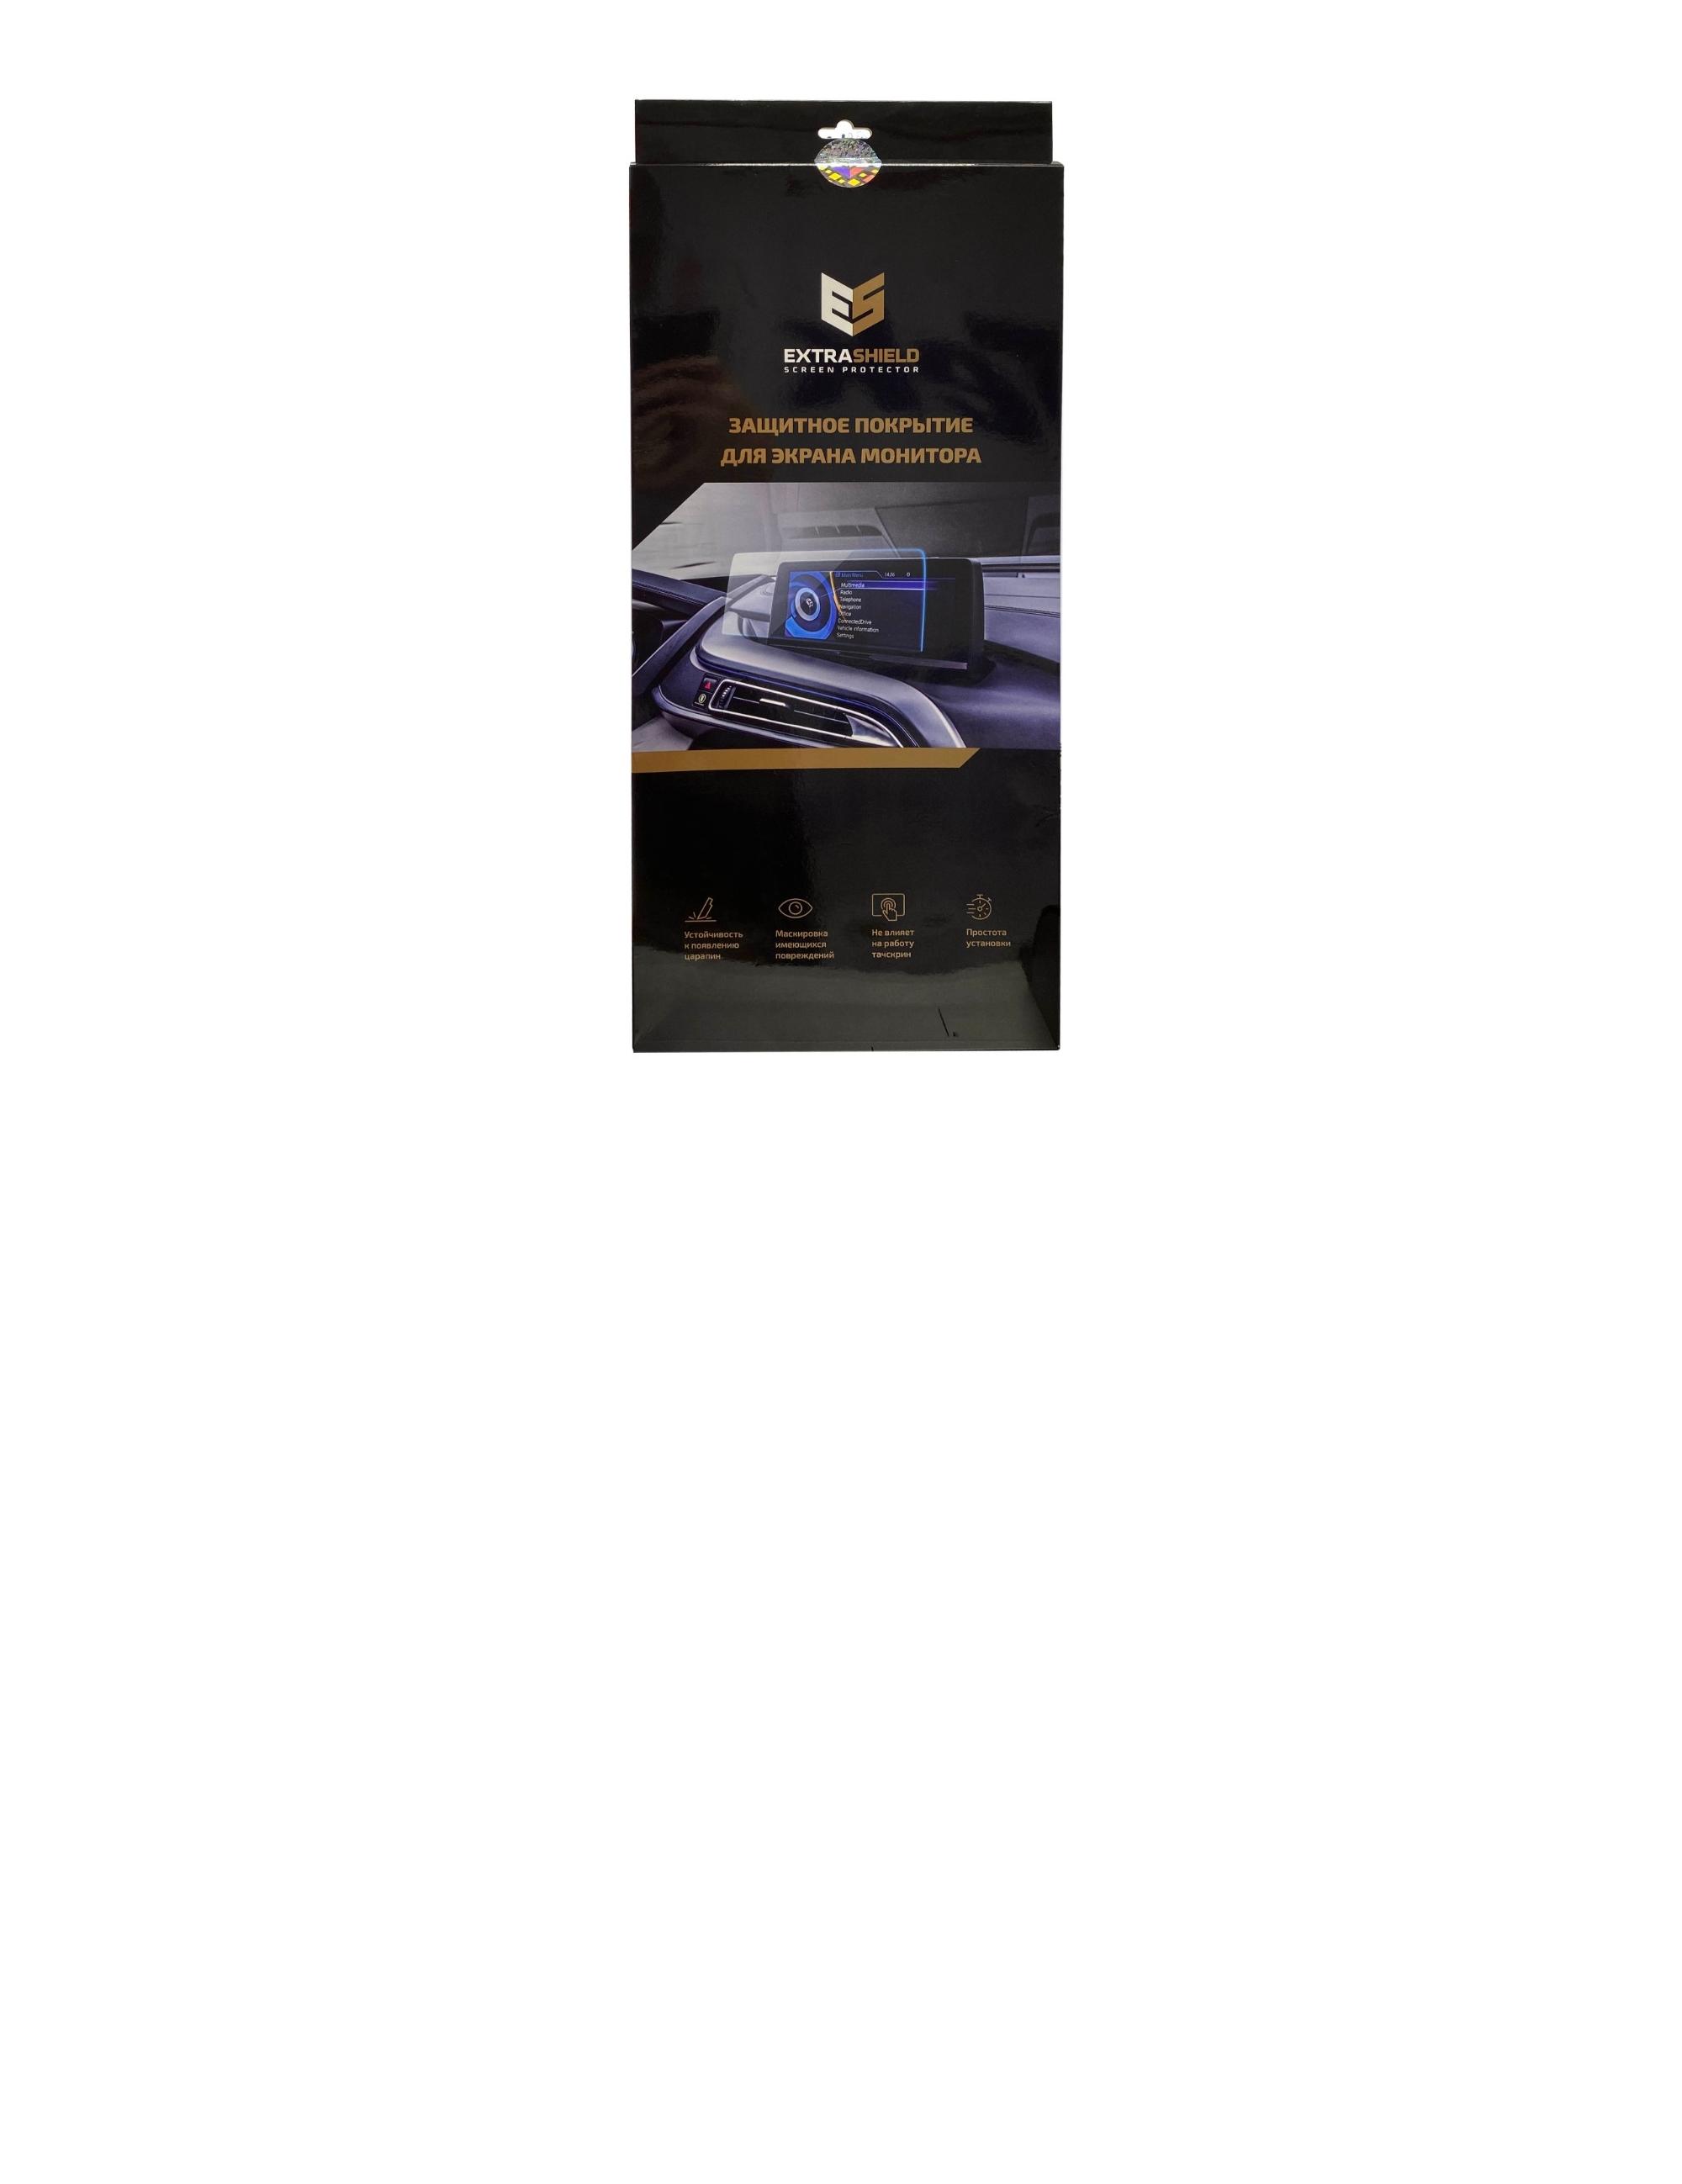 Стекло на экран (защита интерьера)